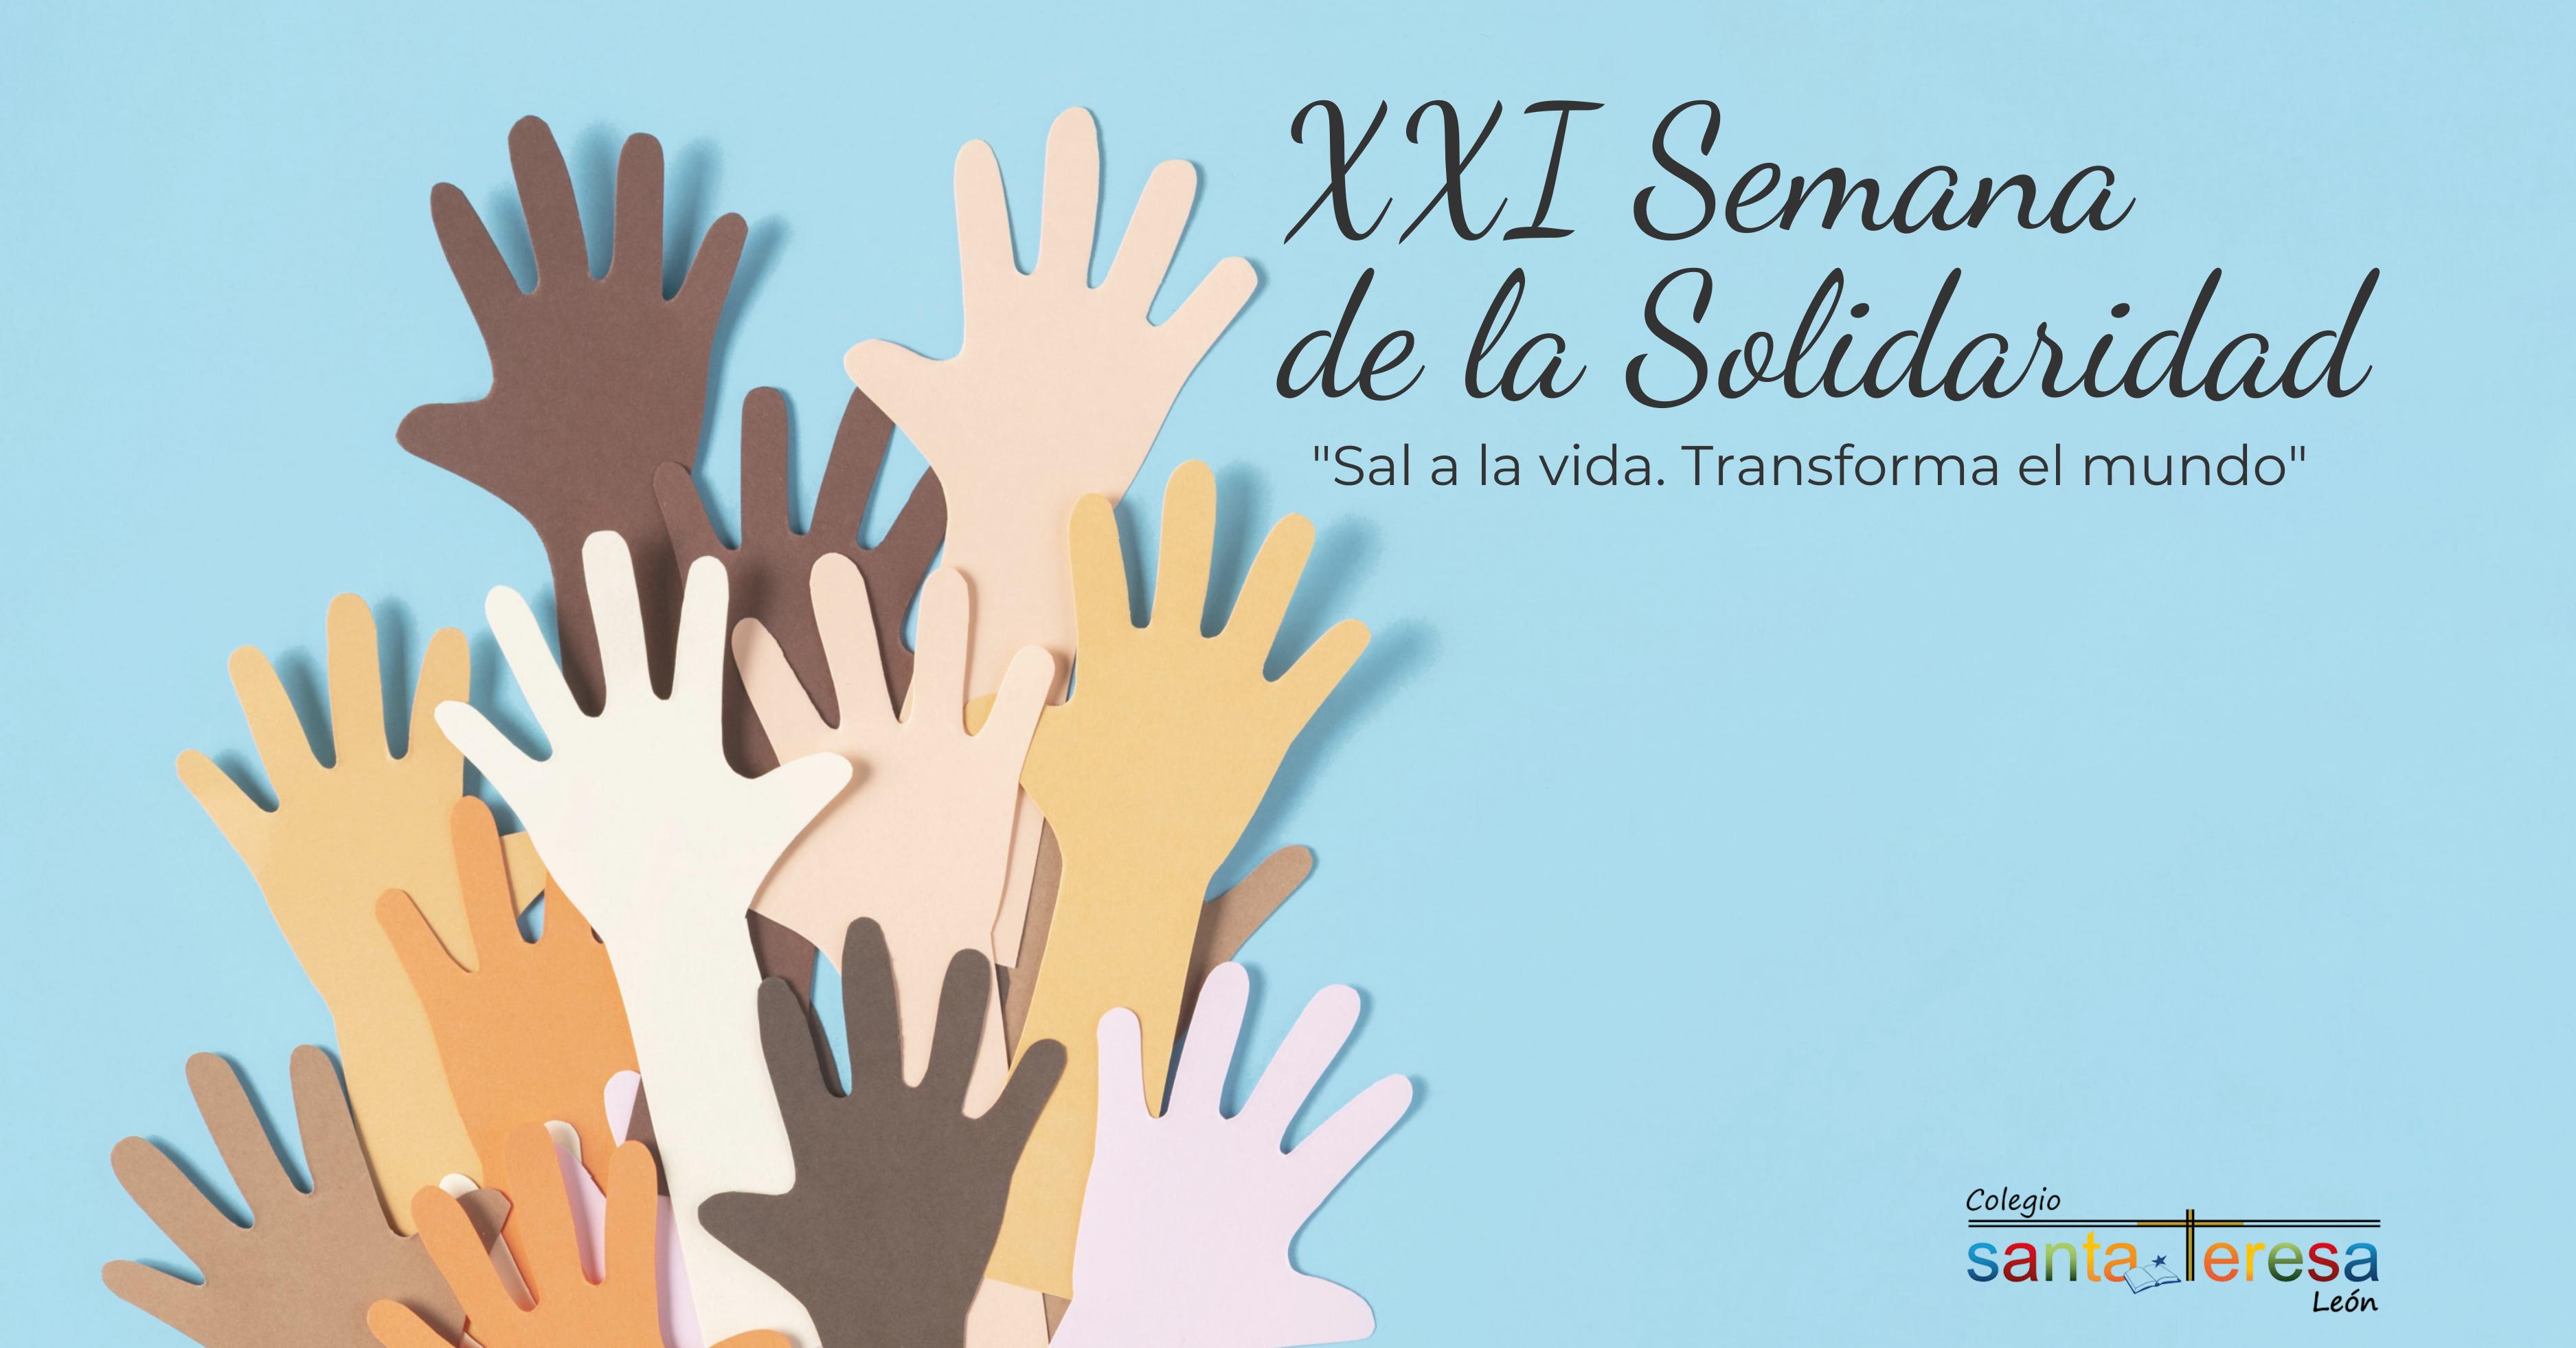 SAL A LA VIDA, TRANSFORMA EL MUNDO